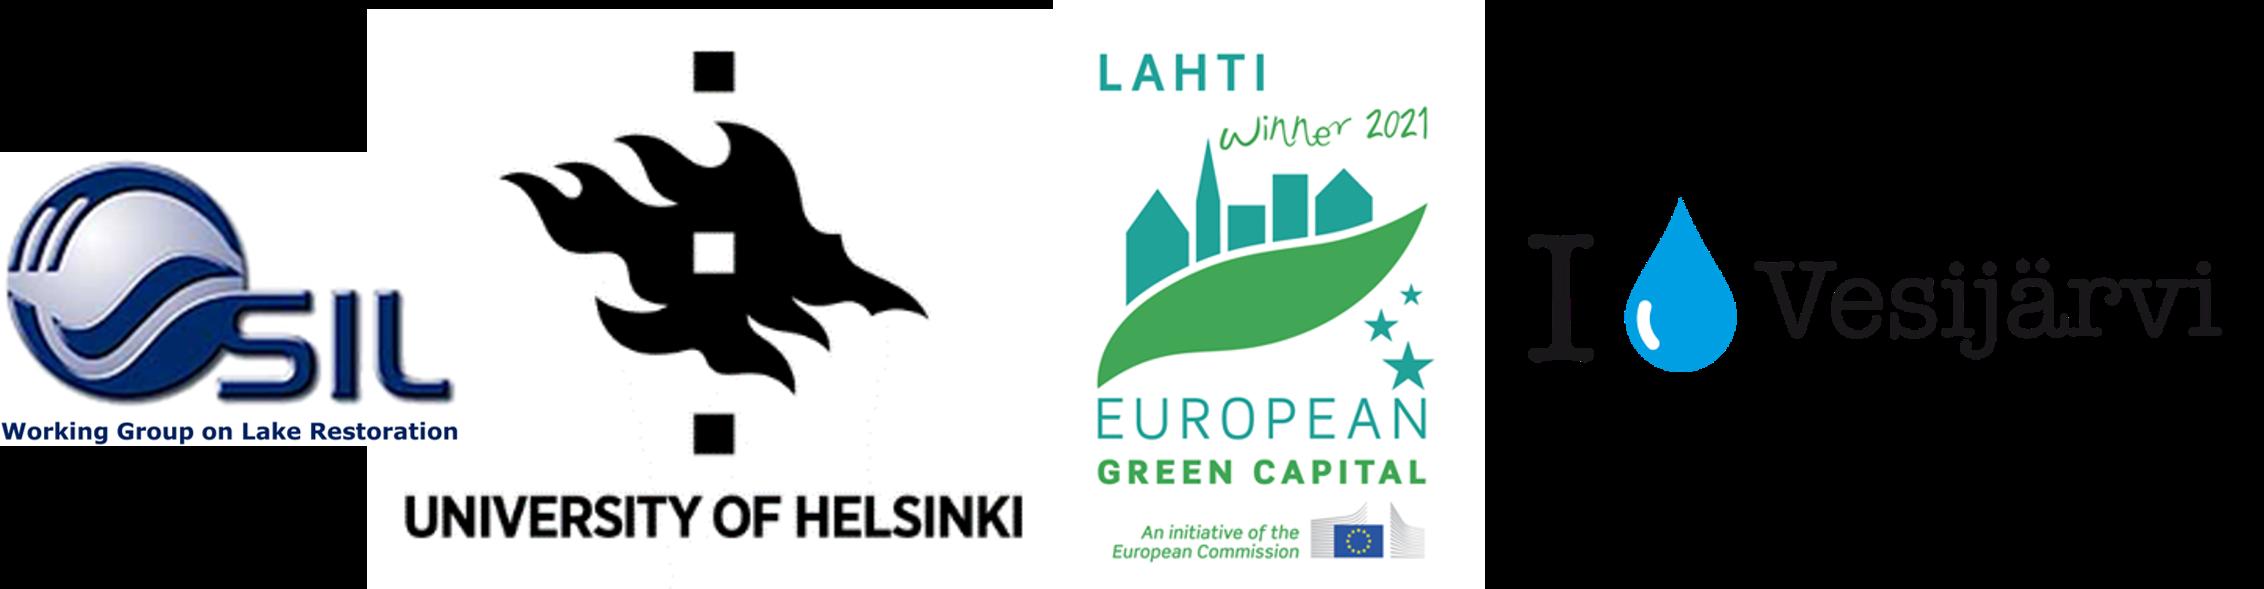 logos 2021